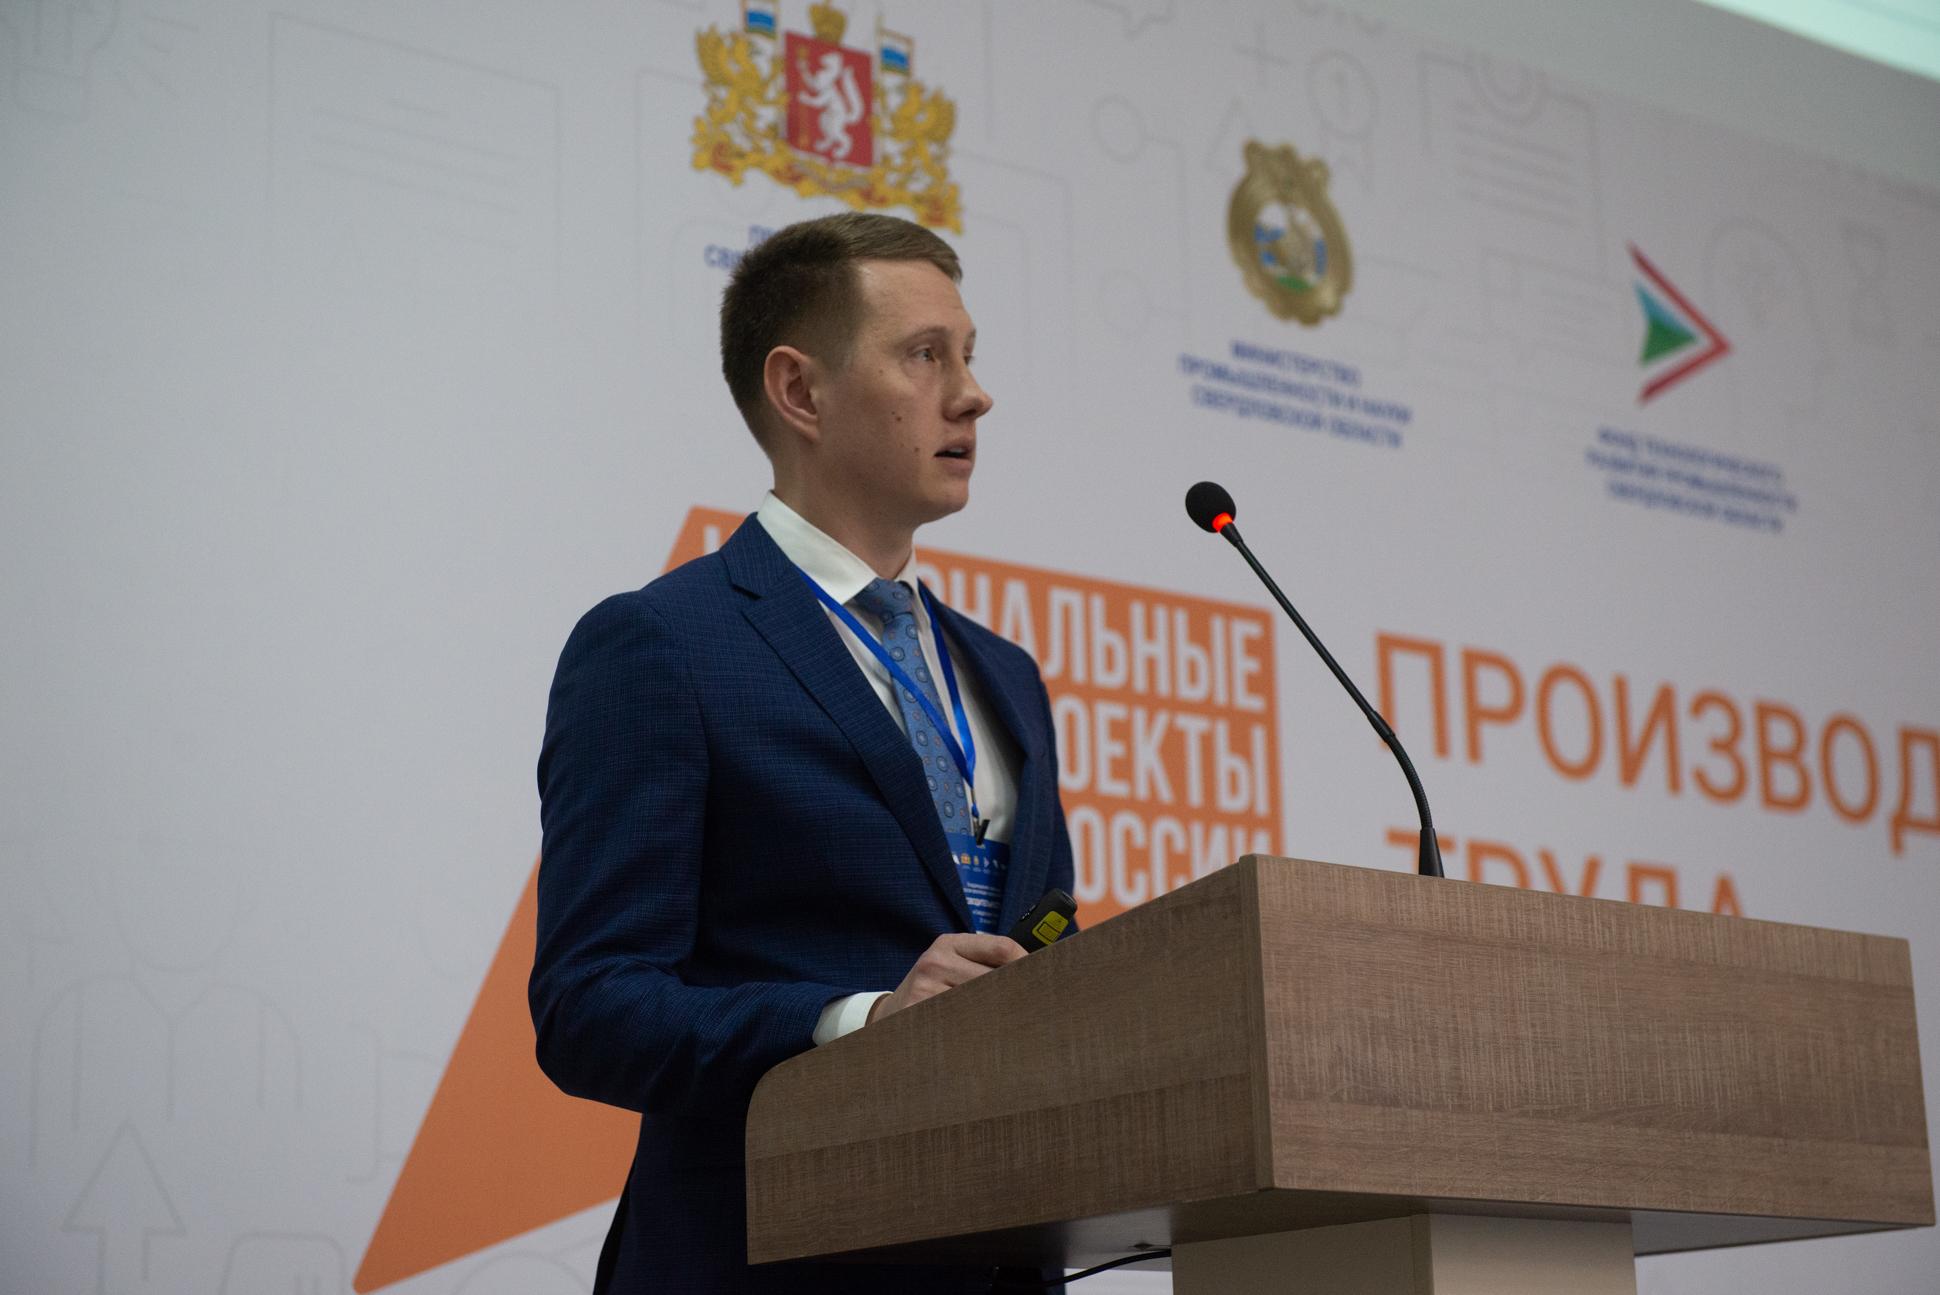 Генеральный директор Каменск-Уральского завода по обработке цветных металлов Василий Радько